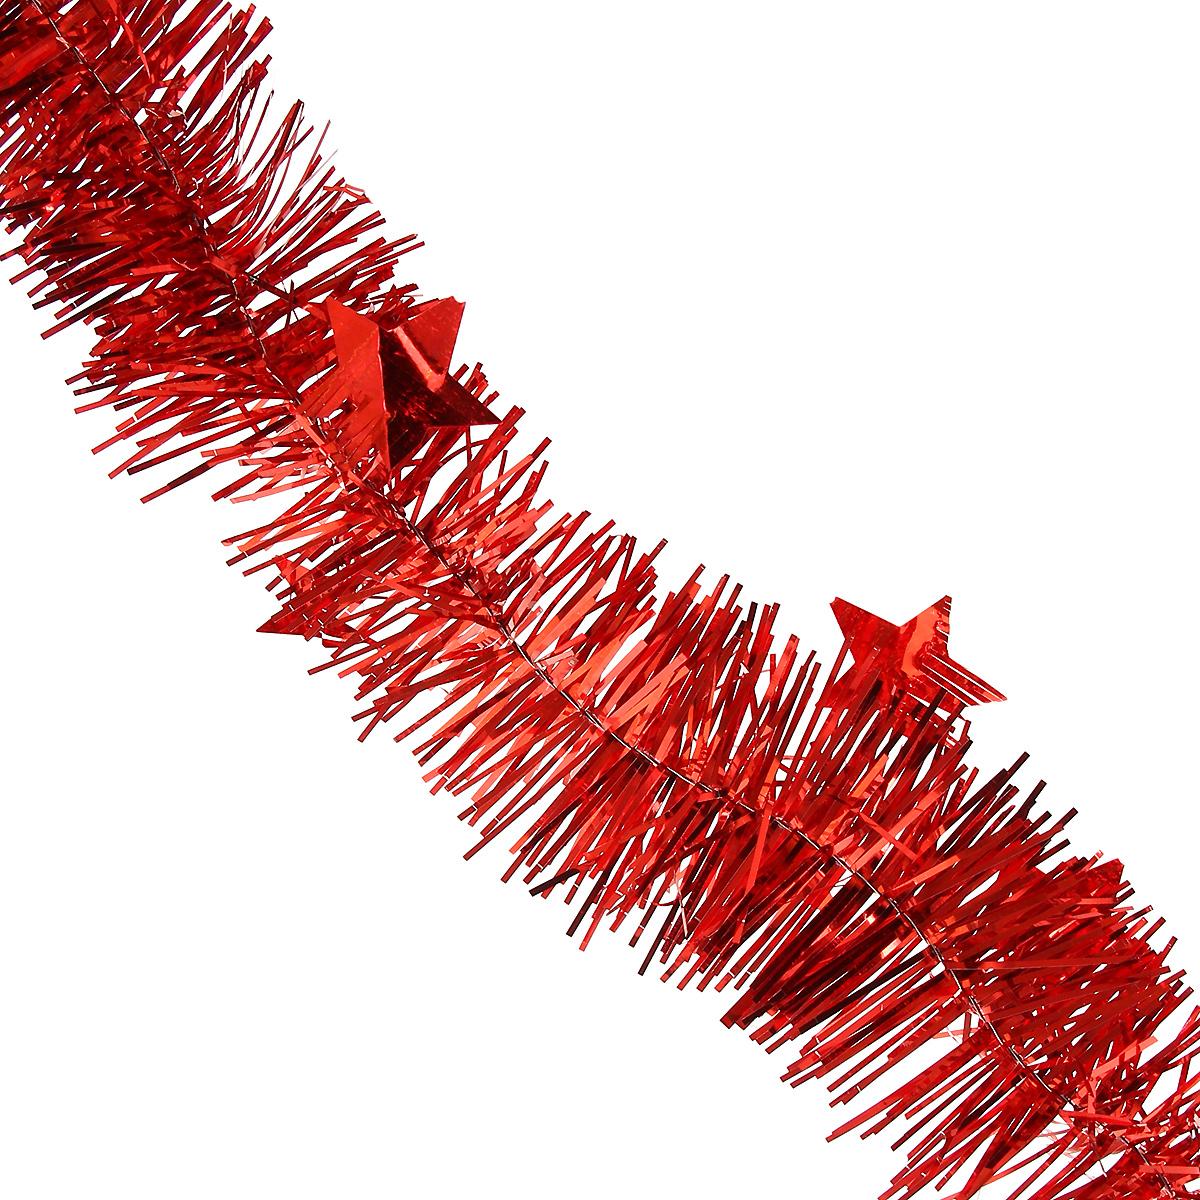 Мишура новогодняя Magic Time, со звездами, диаметр 6 см, длина 200 см, цвет: красный. 3489934899/75765Новогодняя мишура Magic Time, выполненная из ПЭТ (Полиэтилентерефталат), поможет вам украсить свой дом к предстоящим праздникам. Изделие выполнено в виде скрученной косички. Новогодняя елка с таким украшением станет еще наряднее. Мишура армирована, то есть имеет проволоку внутри и способна сохранять форму. Новогодней мишурой можно украсить все, что угодно - елку, квартиру, дачу, офис - как внутри, так и снаружи. Можно сложить новогодние поздравления, буквы и цифры, мишурой можно украсить и дополнить гирлянды, можно выделить дверные колонны, оплести дверные проемы. Коллекция декоративных украшений из серии Magic Time принесет в ваш дом ни с чем несравнимое ощущение волшебства! Создайте в своем доме атмосферу тепла, веселья и радости, украшая его всей семьей.